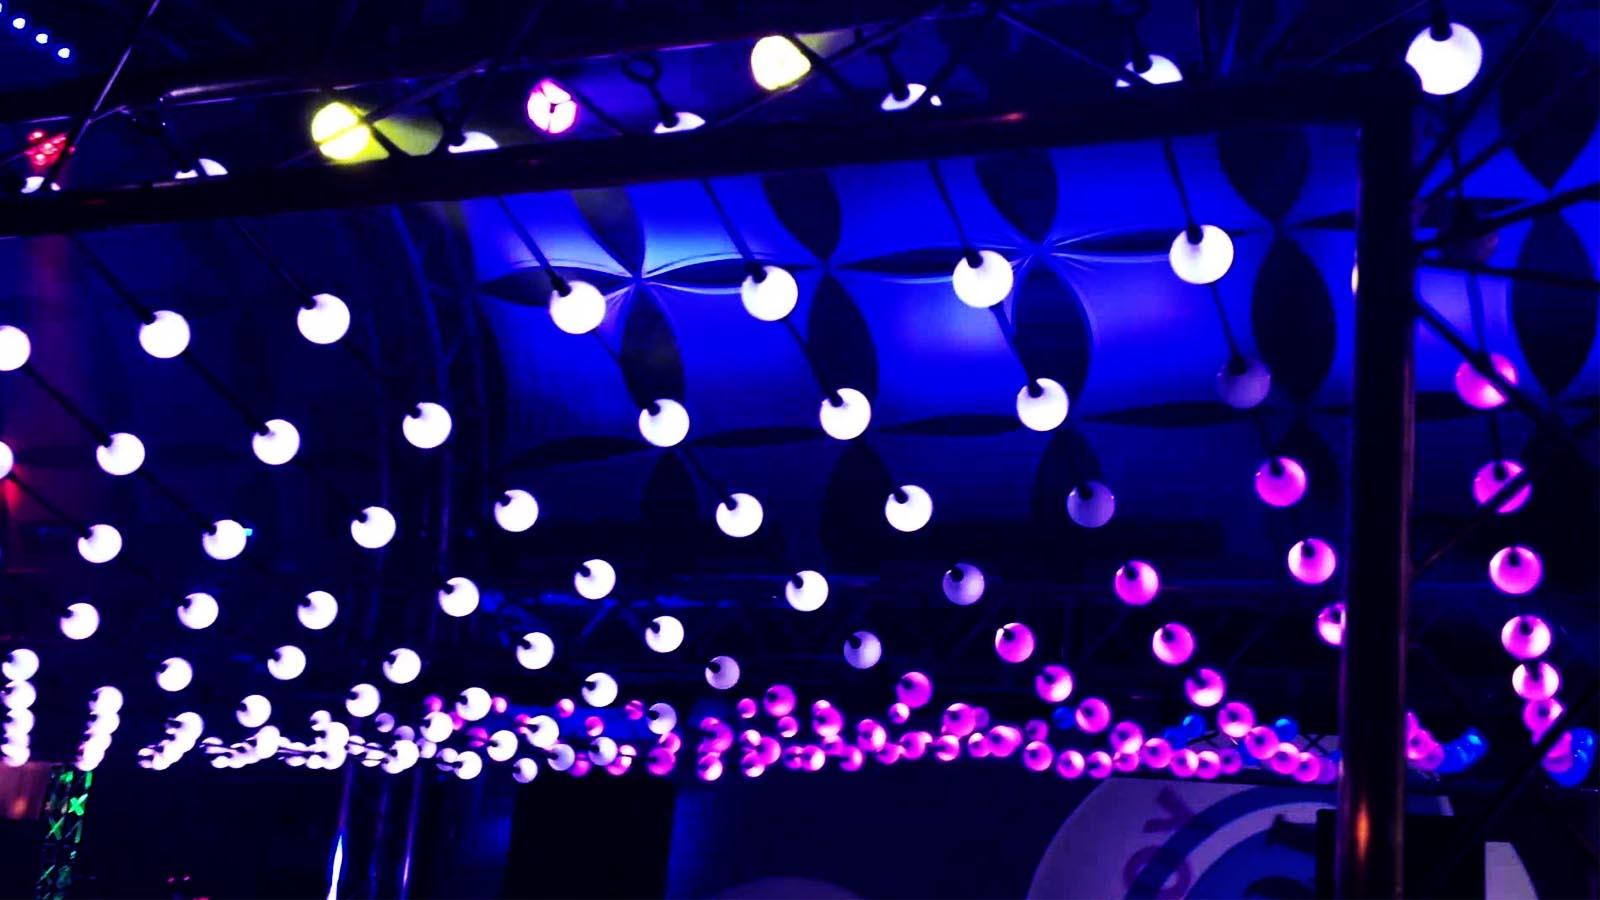 Chauvet Festoon RGB